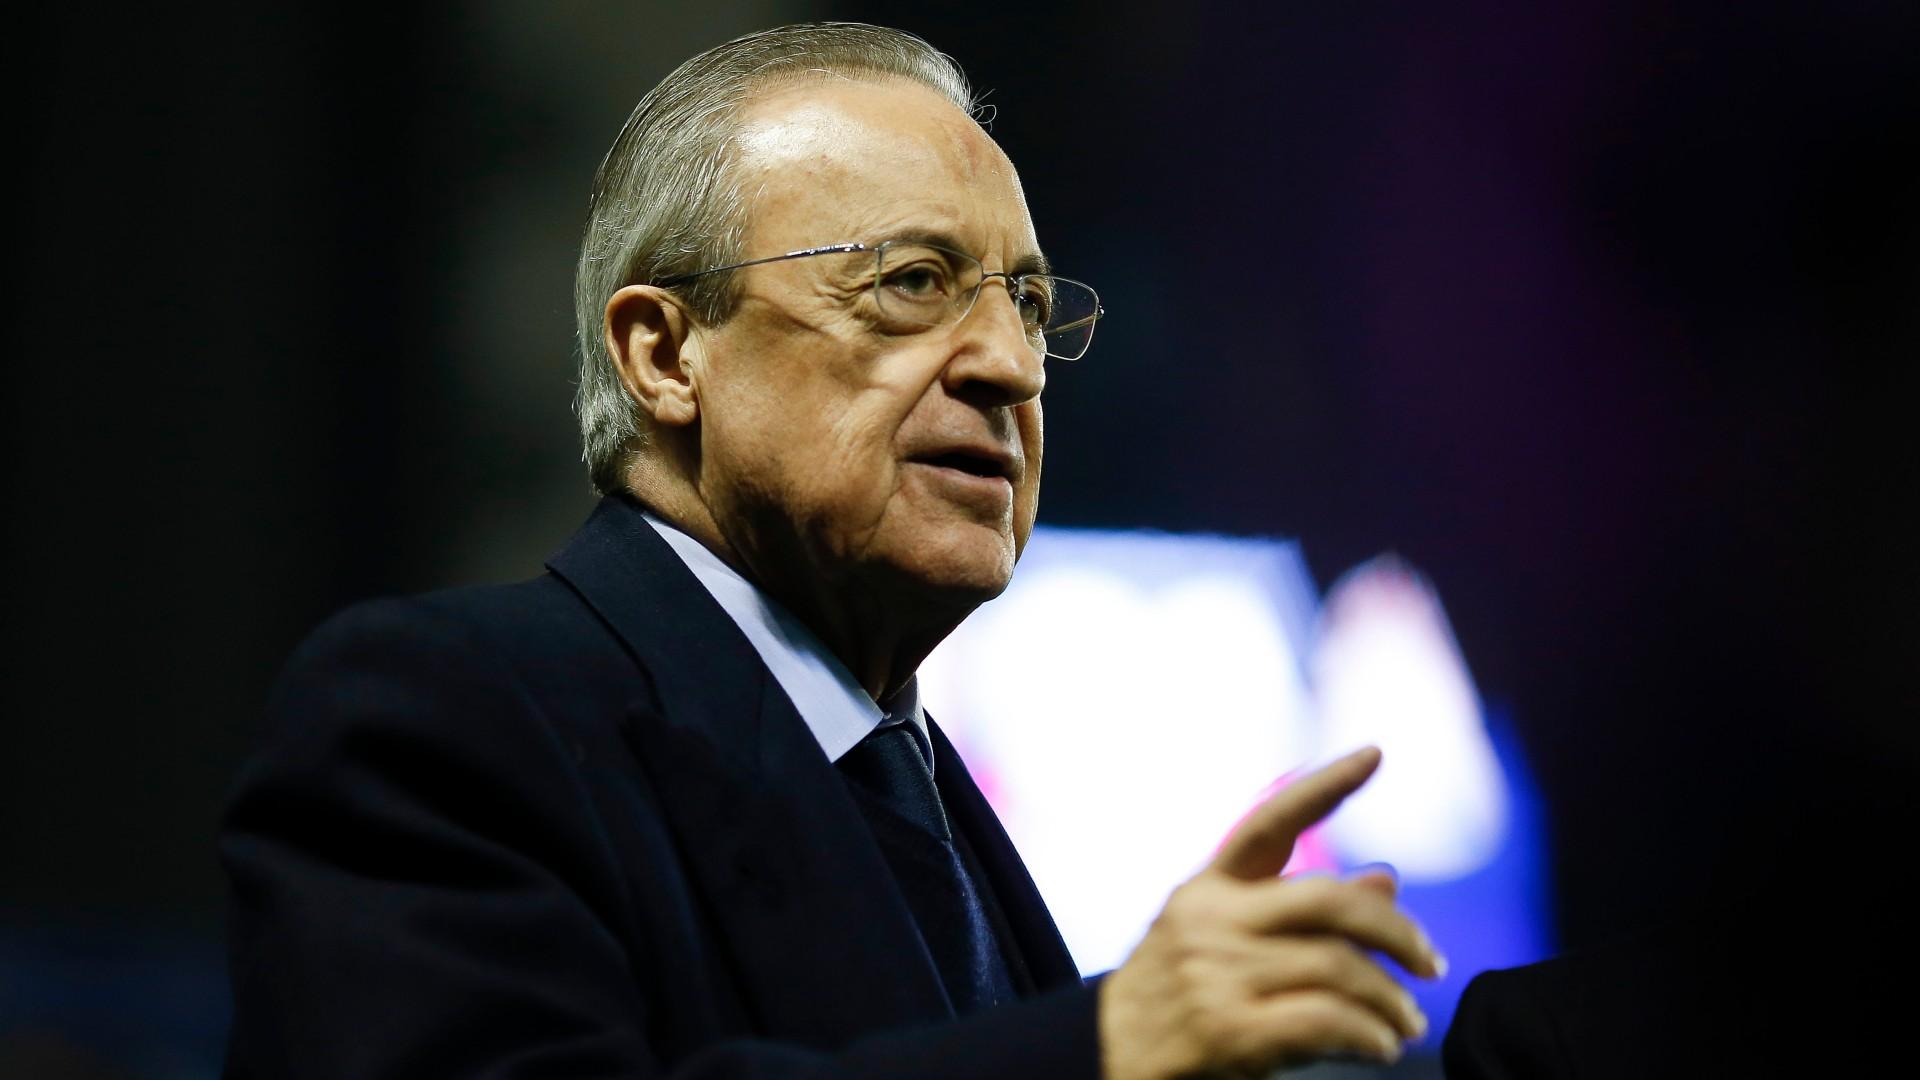 Il Real Madrid avanti con Florentino Perez: è stato rieletto presidente